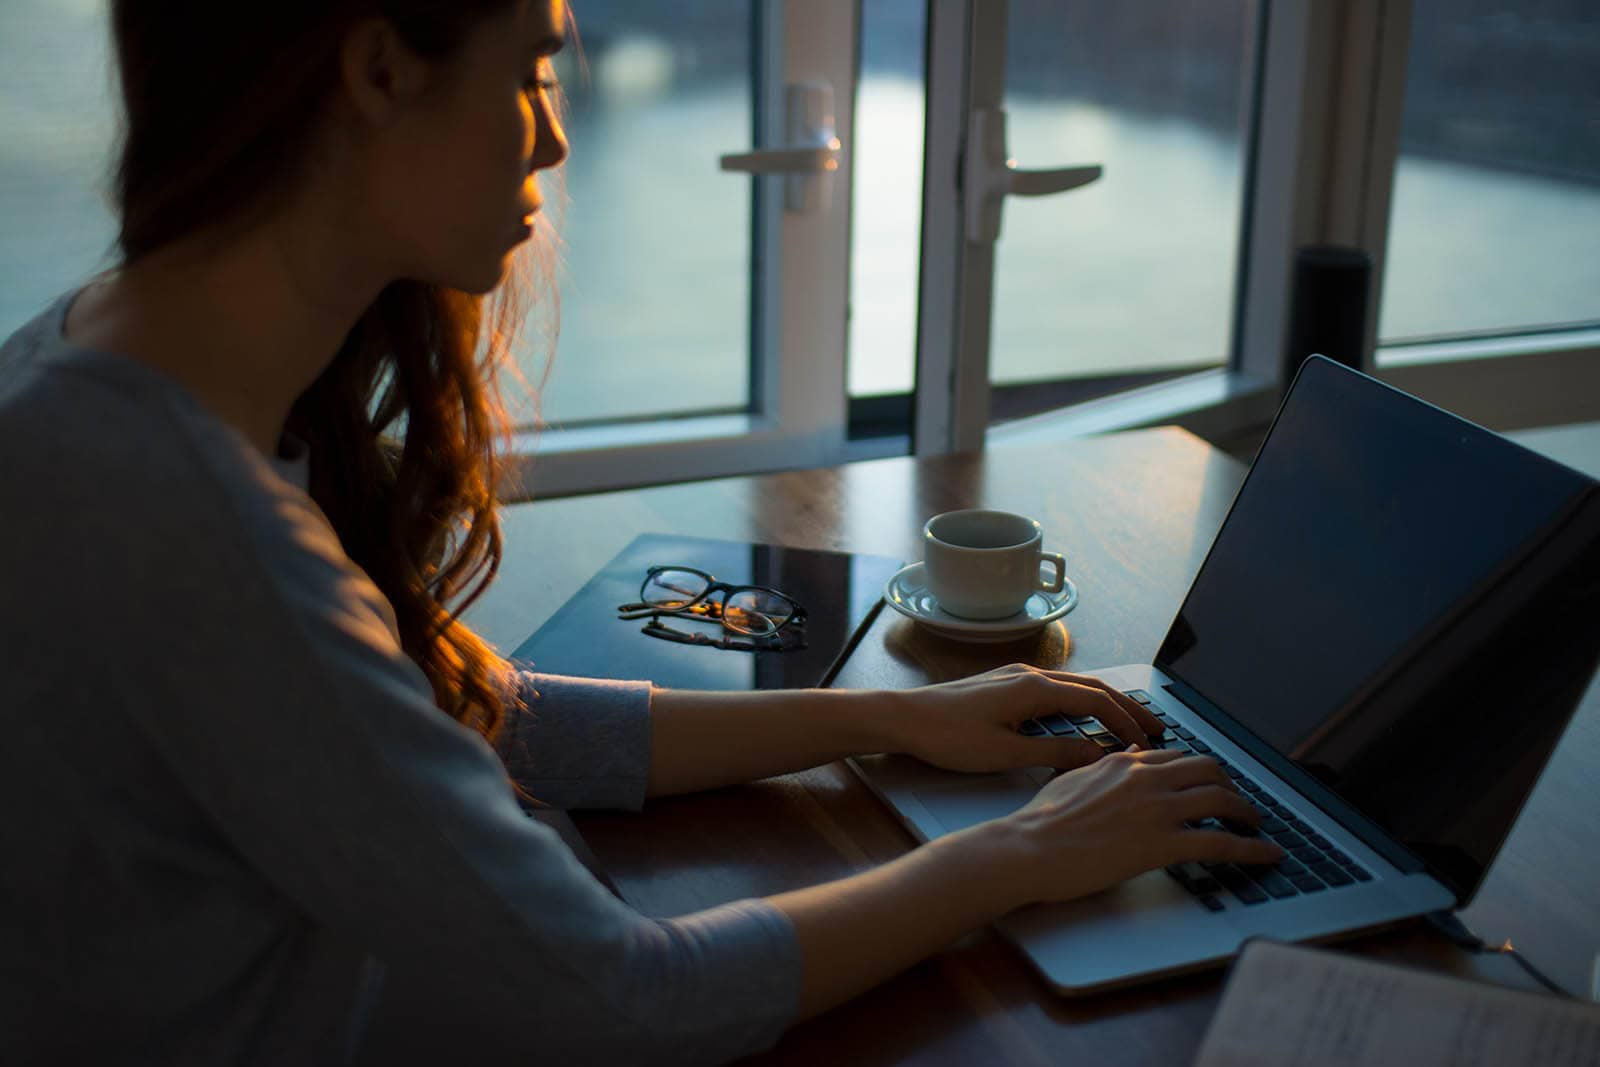 Chcesz pisać dłuższe teksty bez rozpraszania? Sięgnij po jedną z tych aplikacji 56